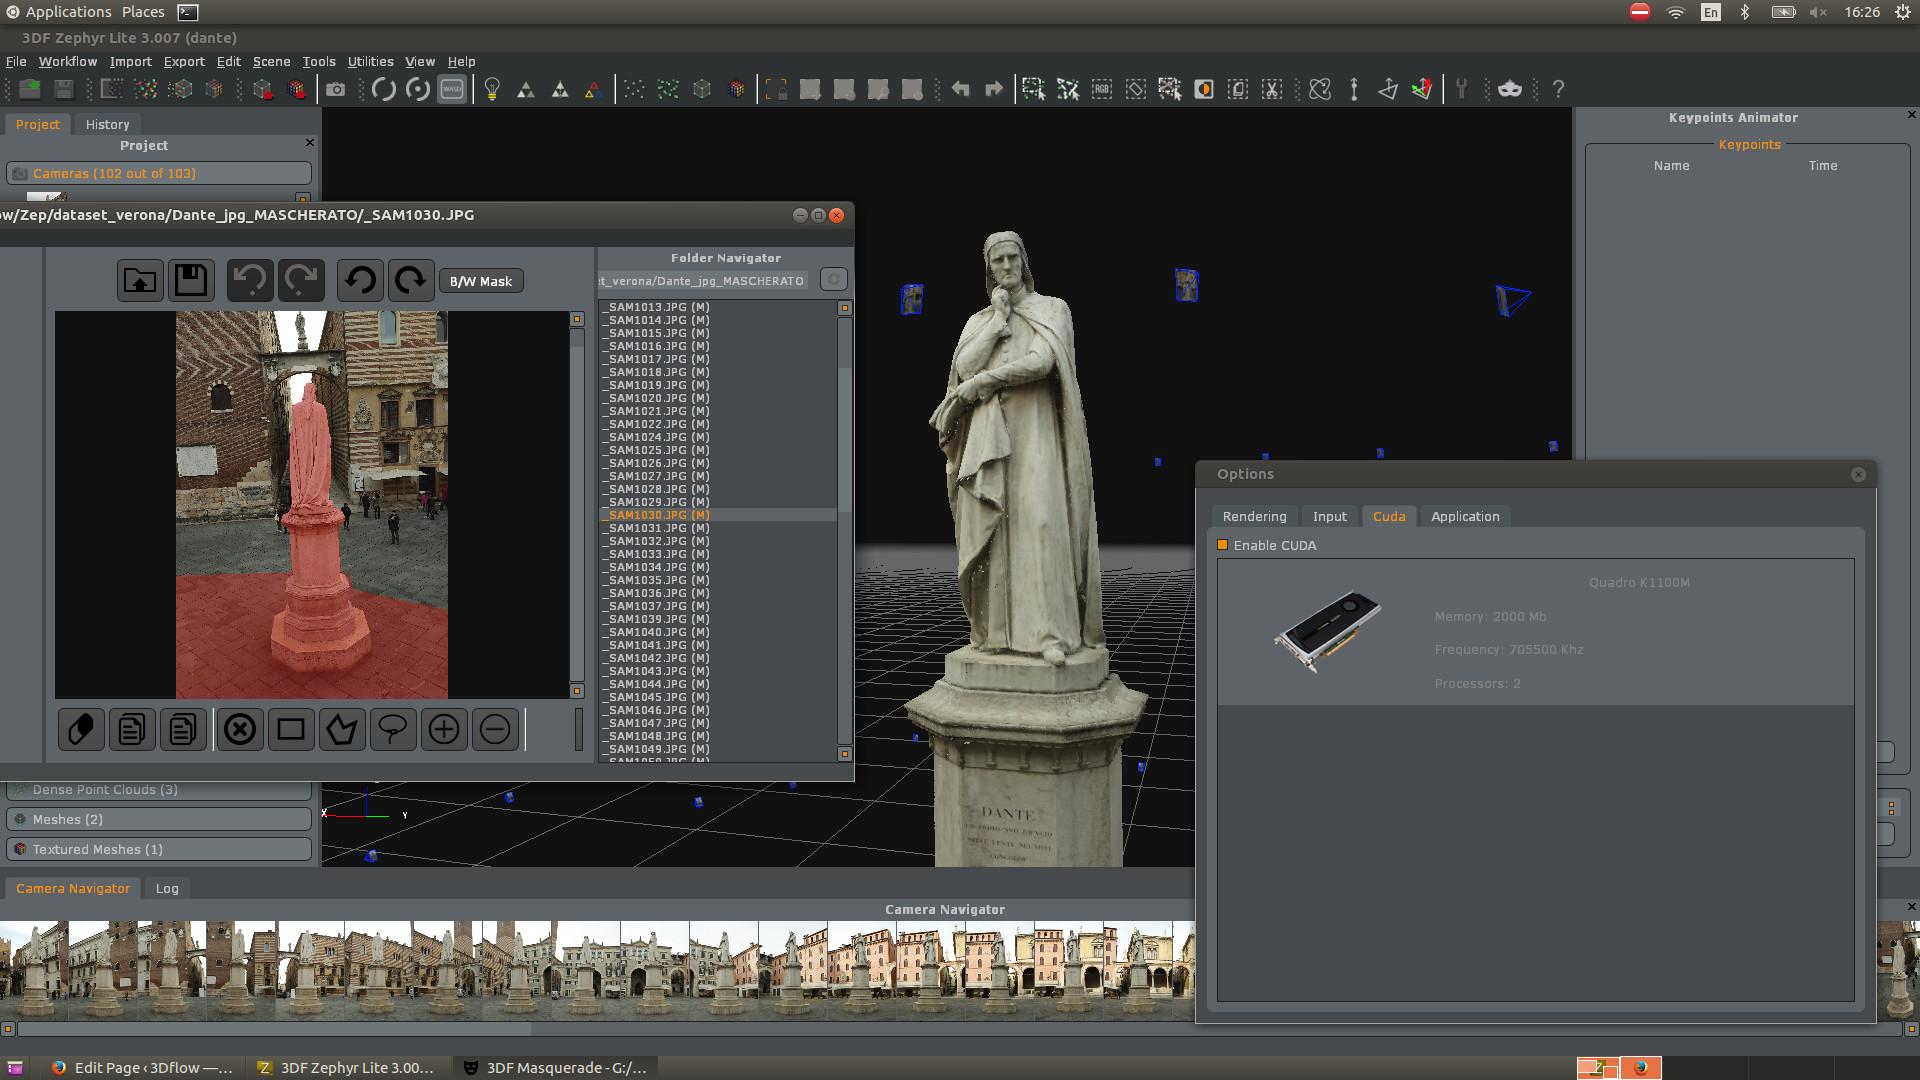 Running 3DF Zephyr on GNU/Linux using Wine - 3Dflow